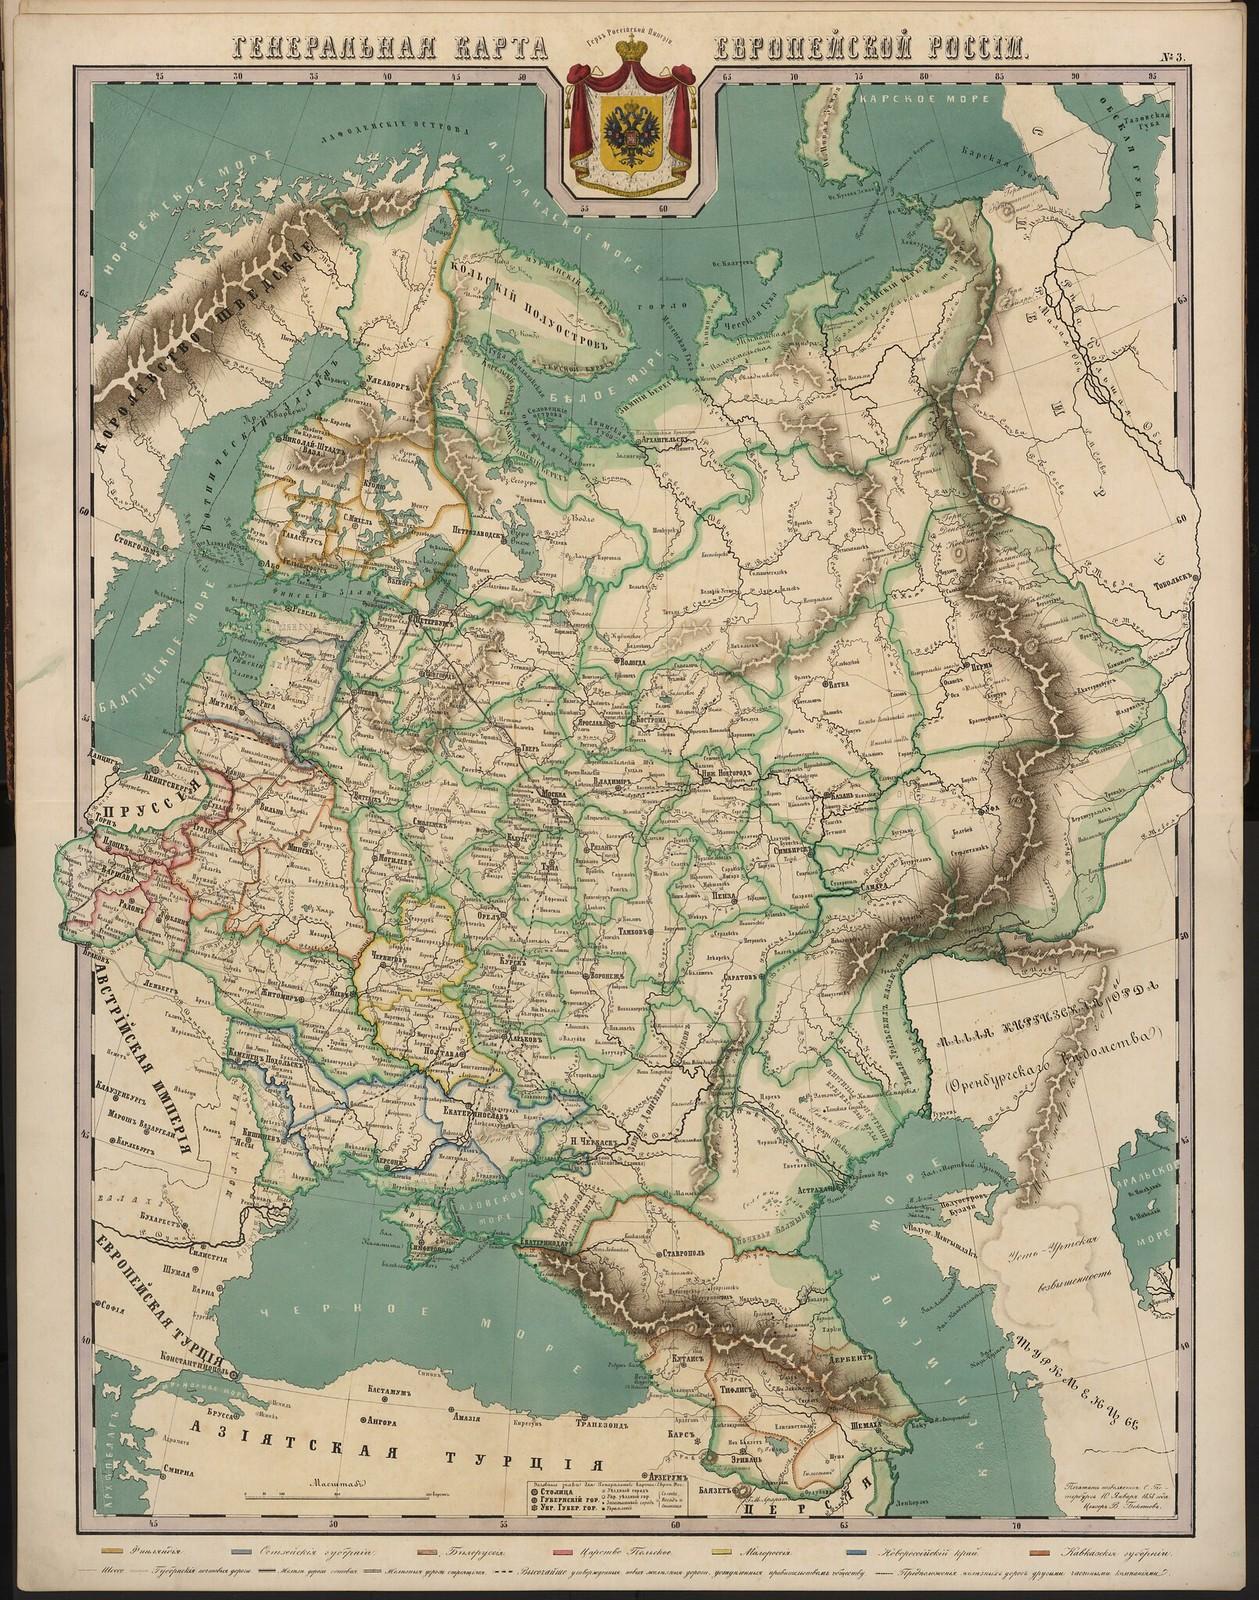 03. Генеральная политическая карта Европейской России.